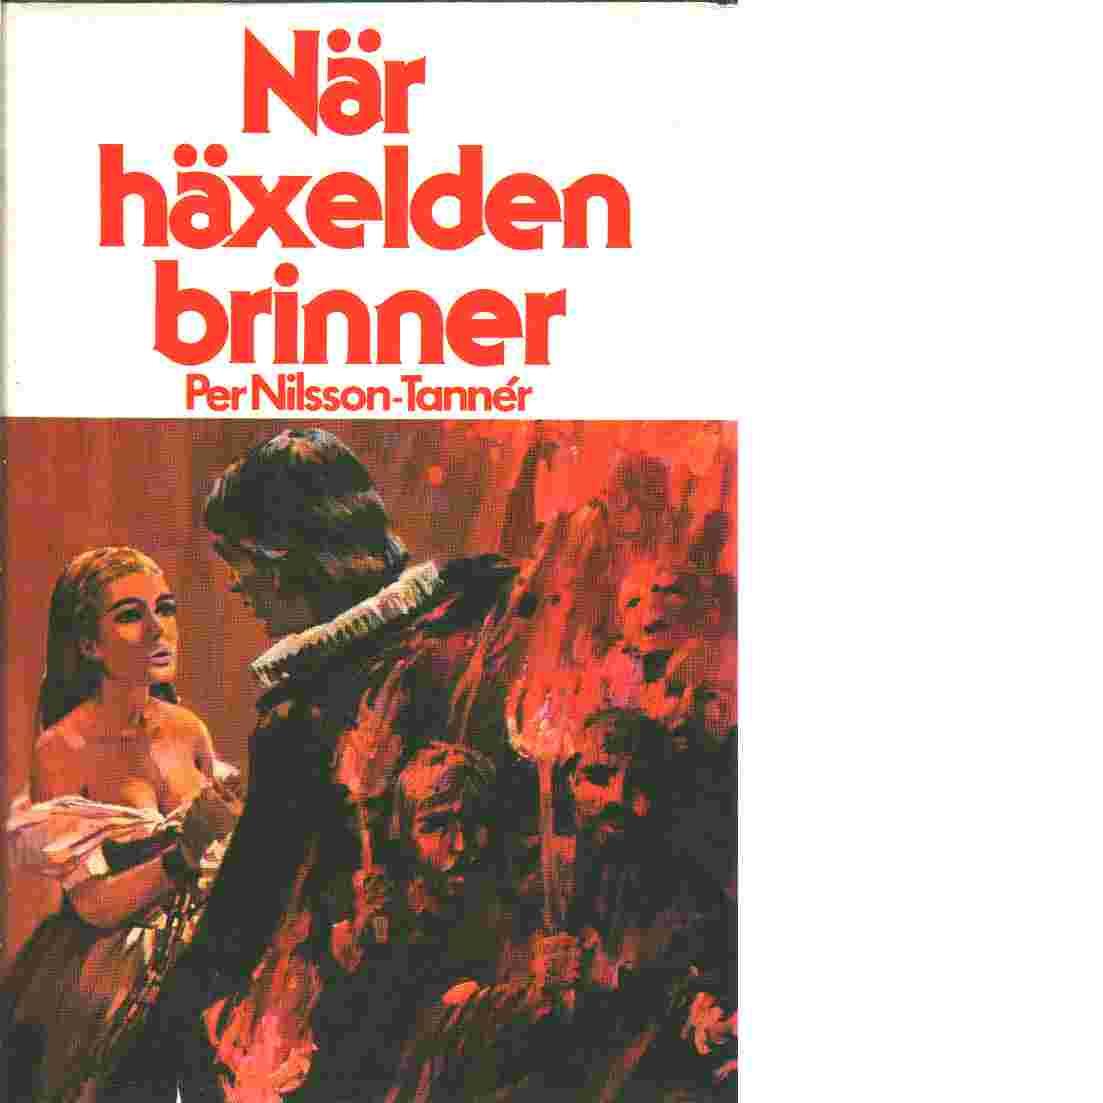 När häxelden brinner - Nilsson-Tannér, Per